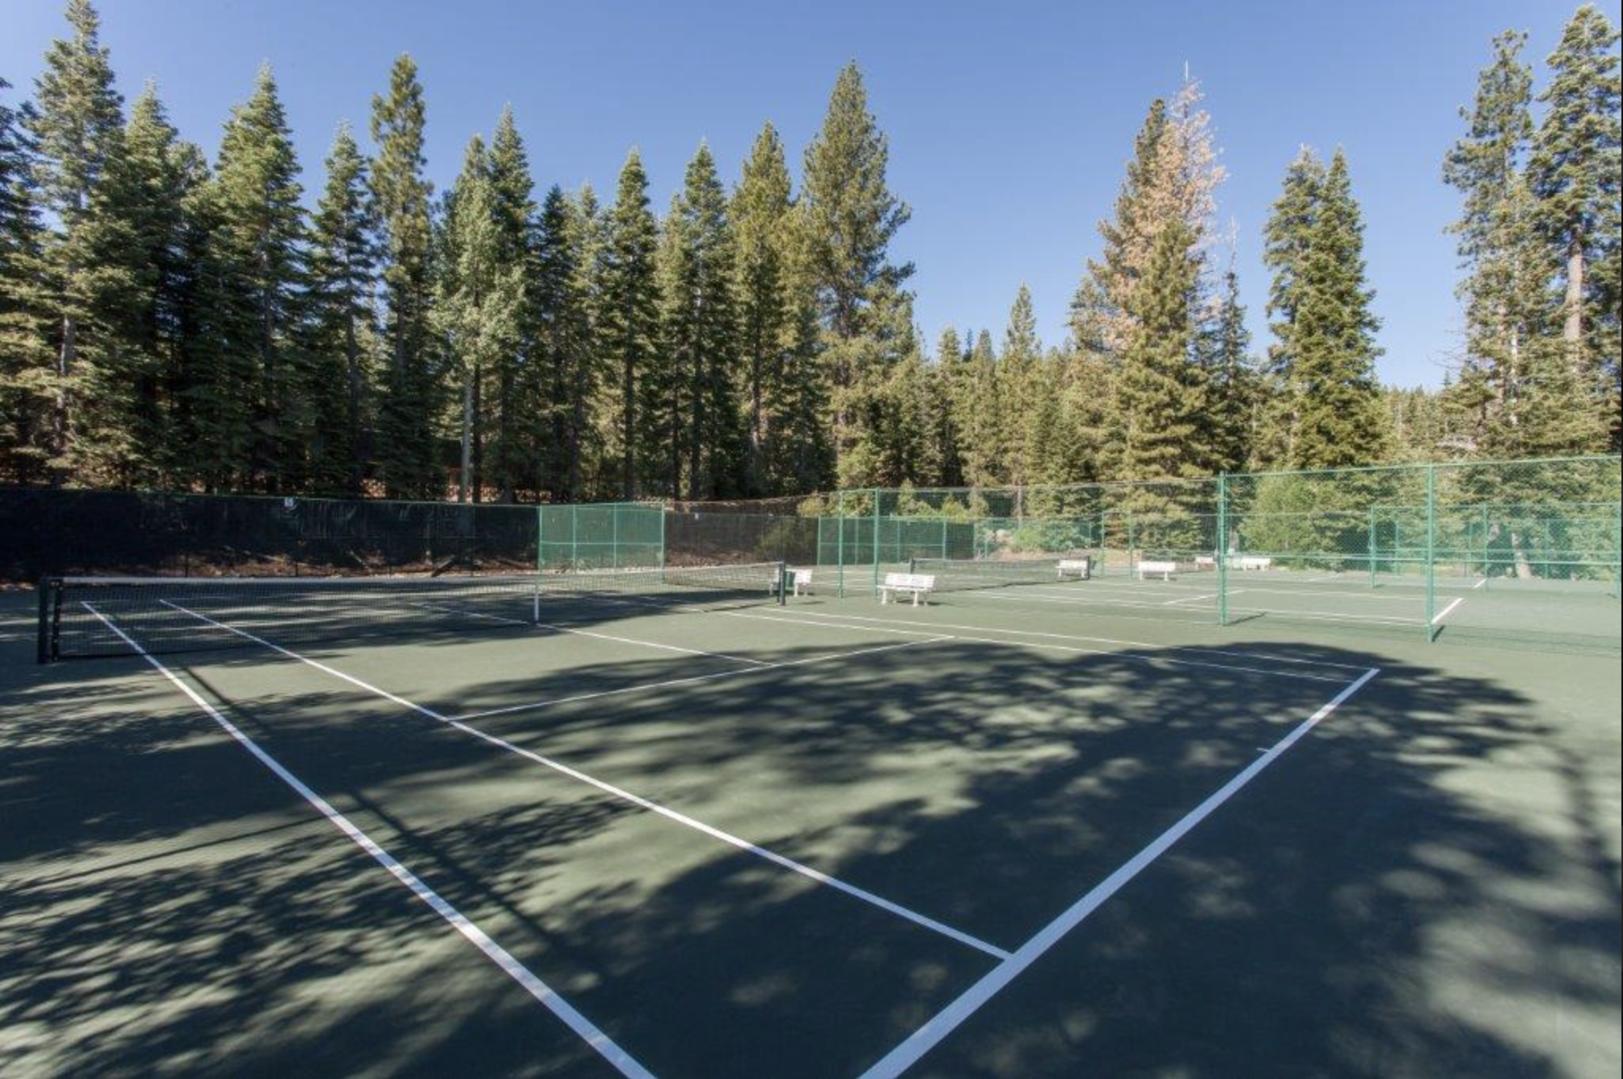 NPOA Tennis Courts